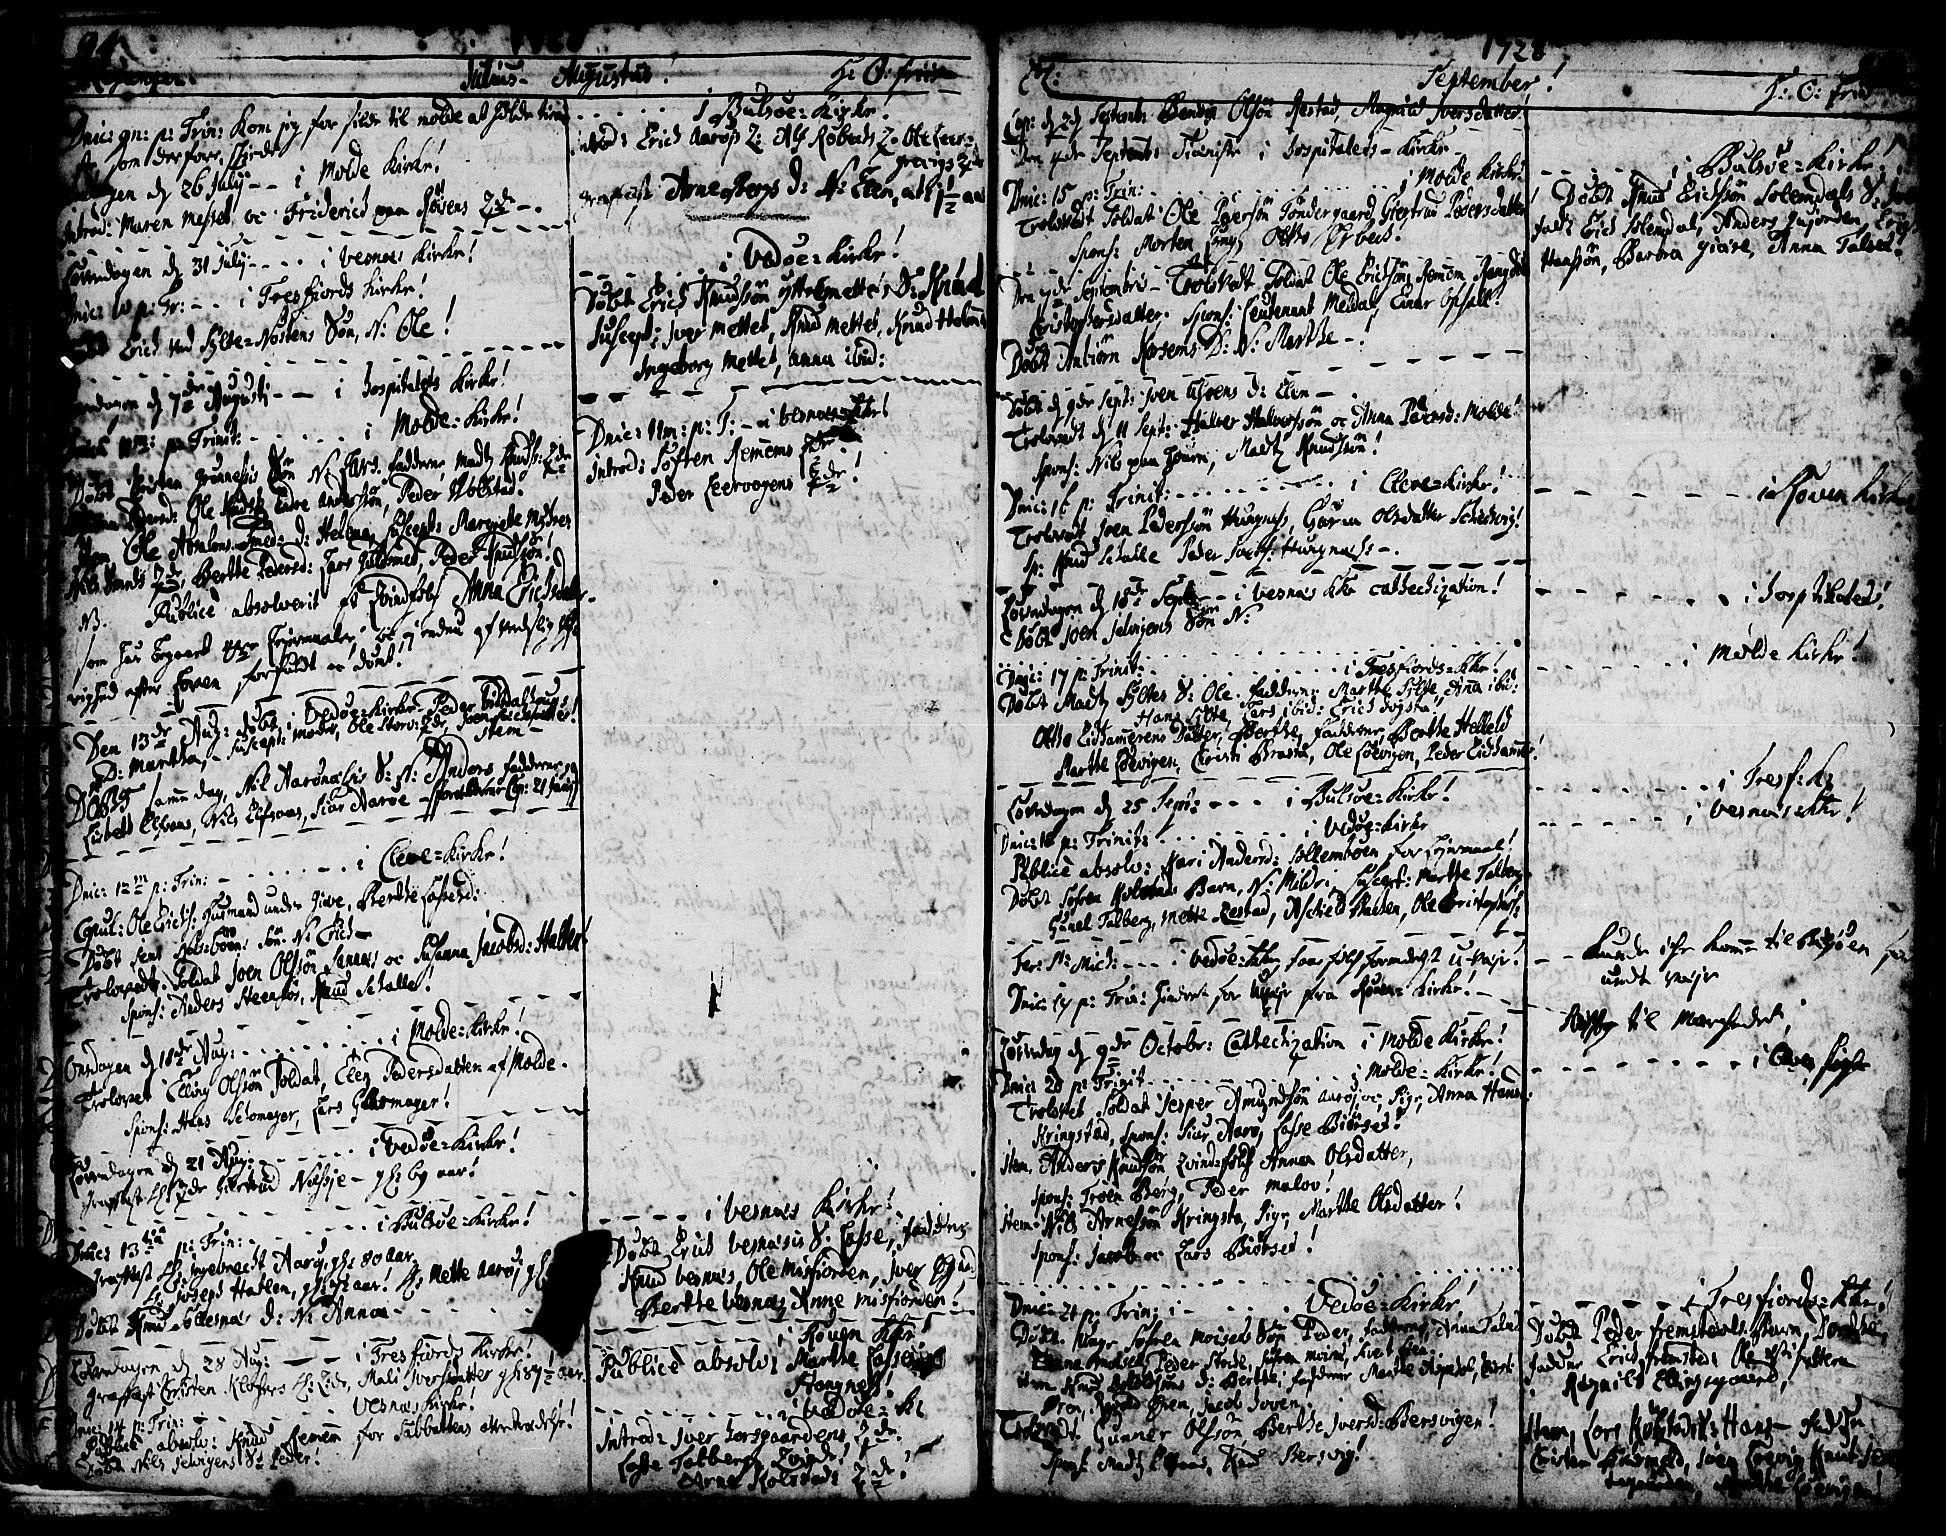 SAT, Ministerialprotokoller, klokkerbøker og fødselsregistre - Møre og Romsdal, 547/L0599: Ministerialbok nr. 547A01, 1721-1764, s. 96-97